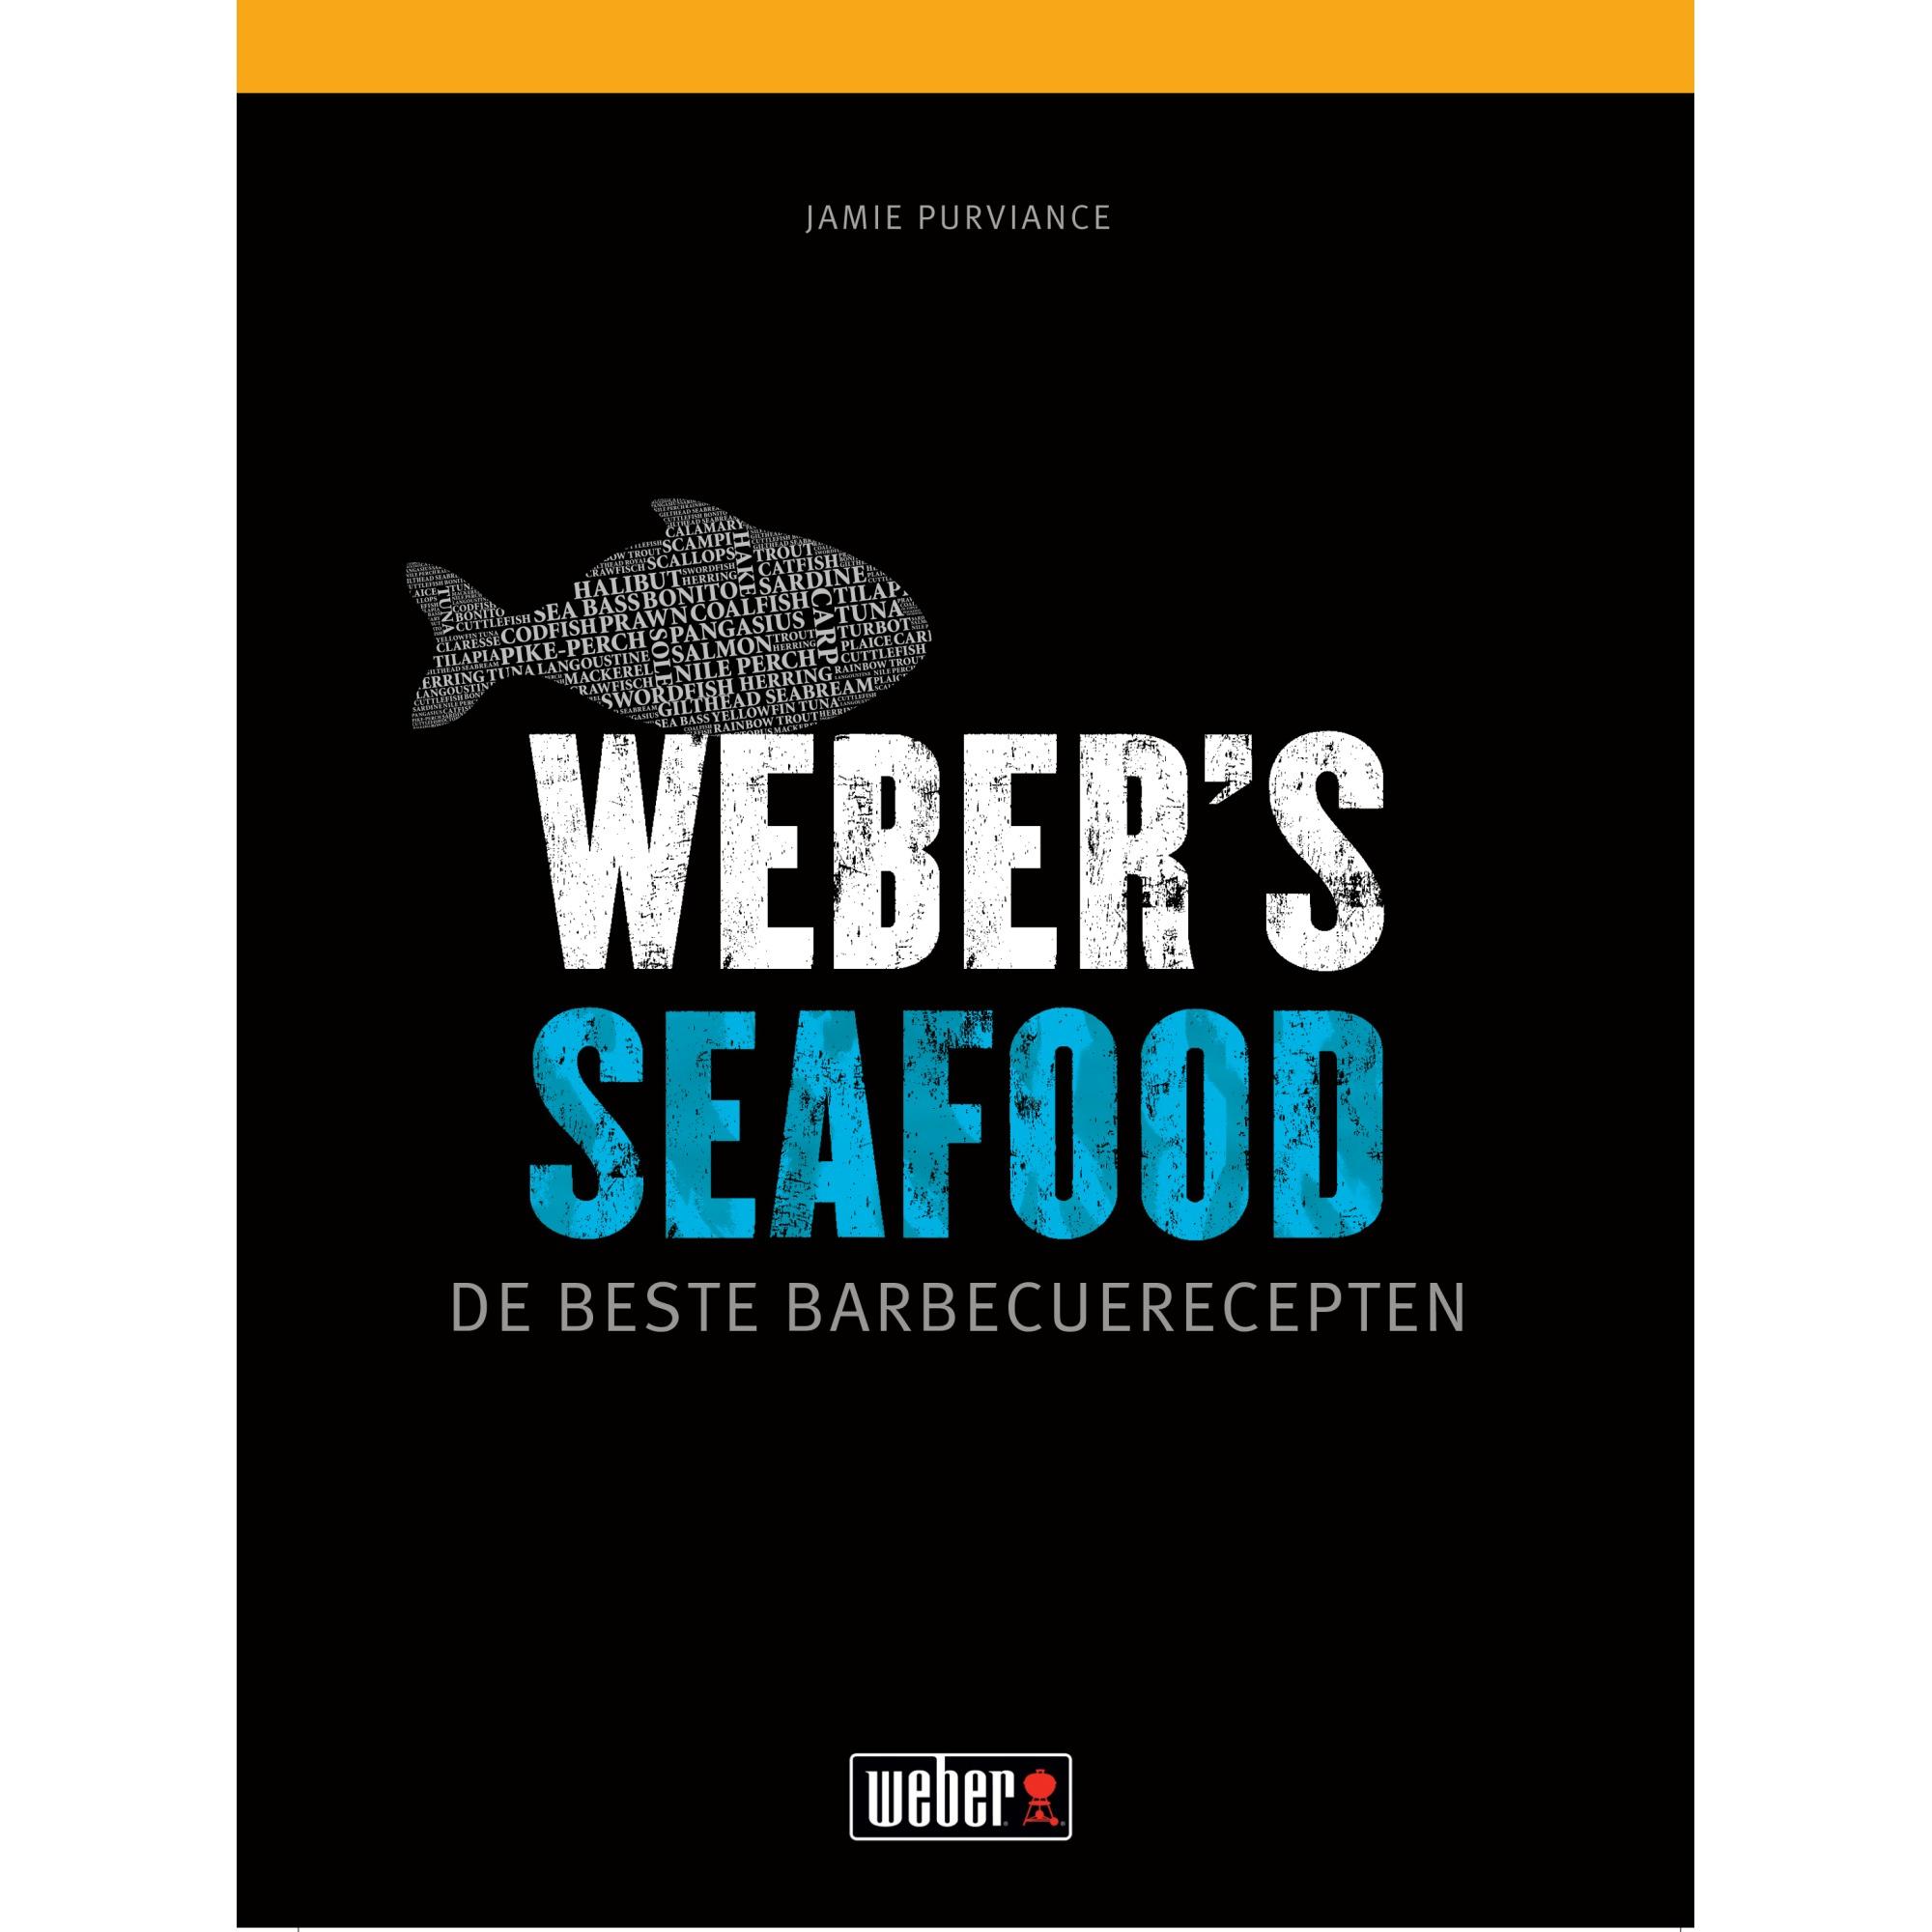 Weber receptenboek seafood